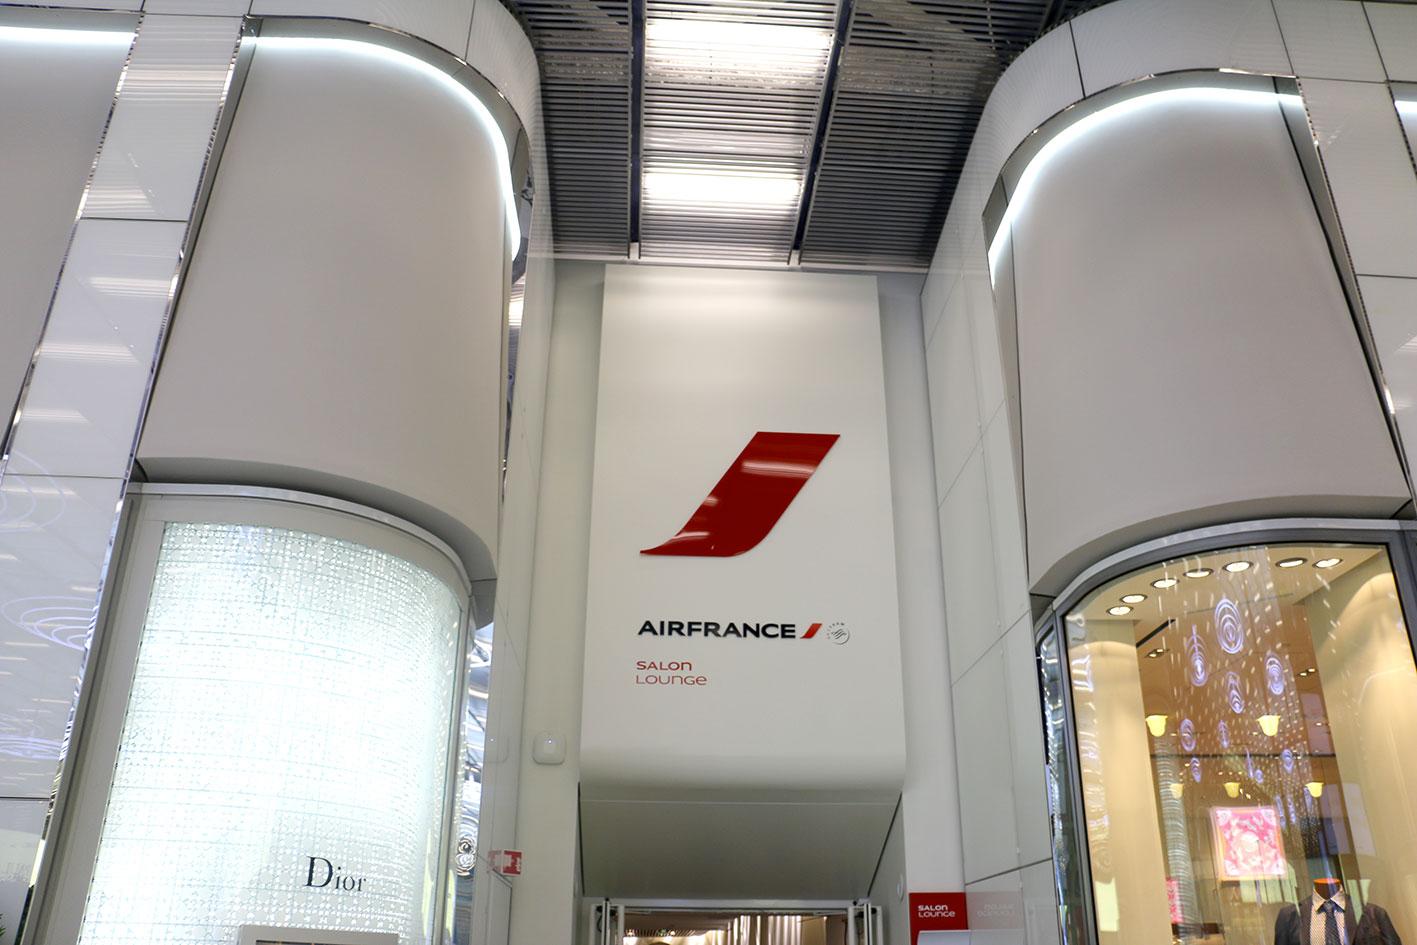 En photos au c ur du hub paris charles de gaulle for Salon air france terminal 2e